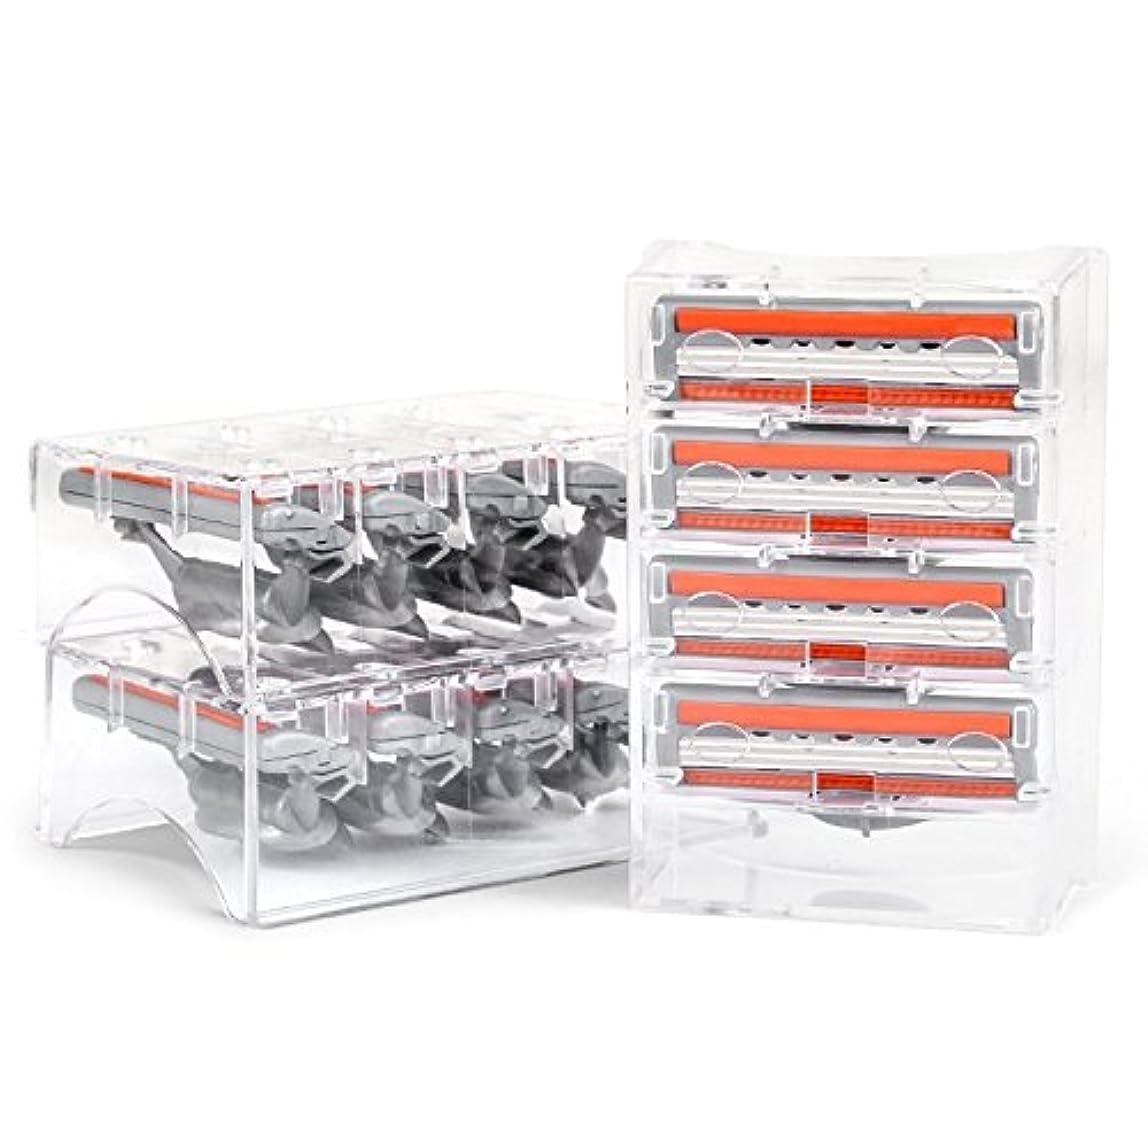 スクワイア血まみれはぁQSHAVEのX3 (3枚刃) カミソリ替刃カートリッジは米国製で、QSHAVEブルーシリーズのカミソリにお使いいただけます (16つ入り)